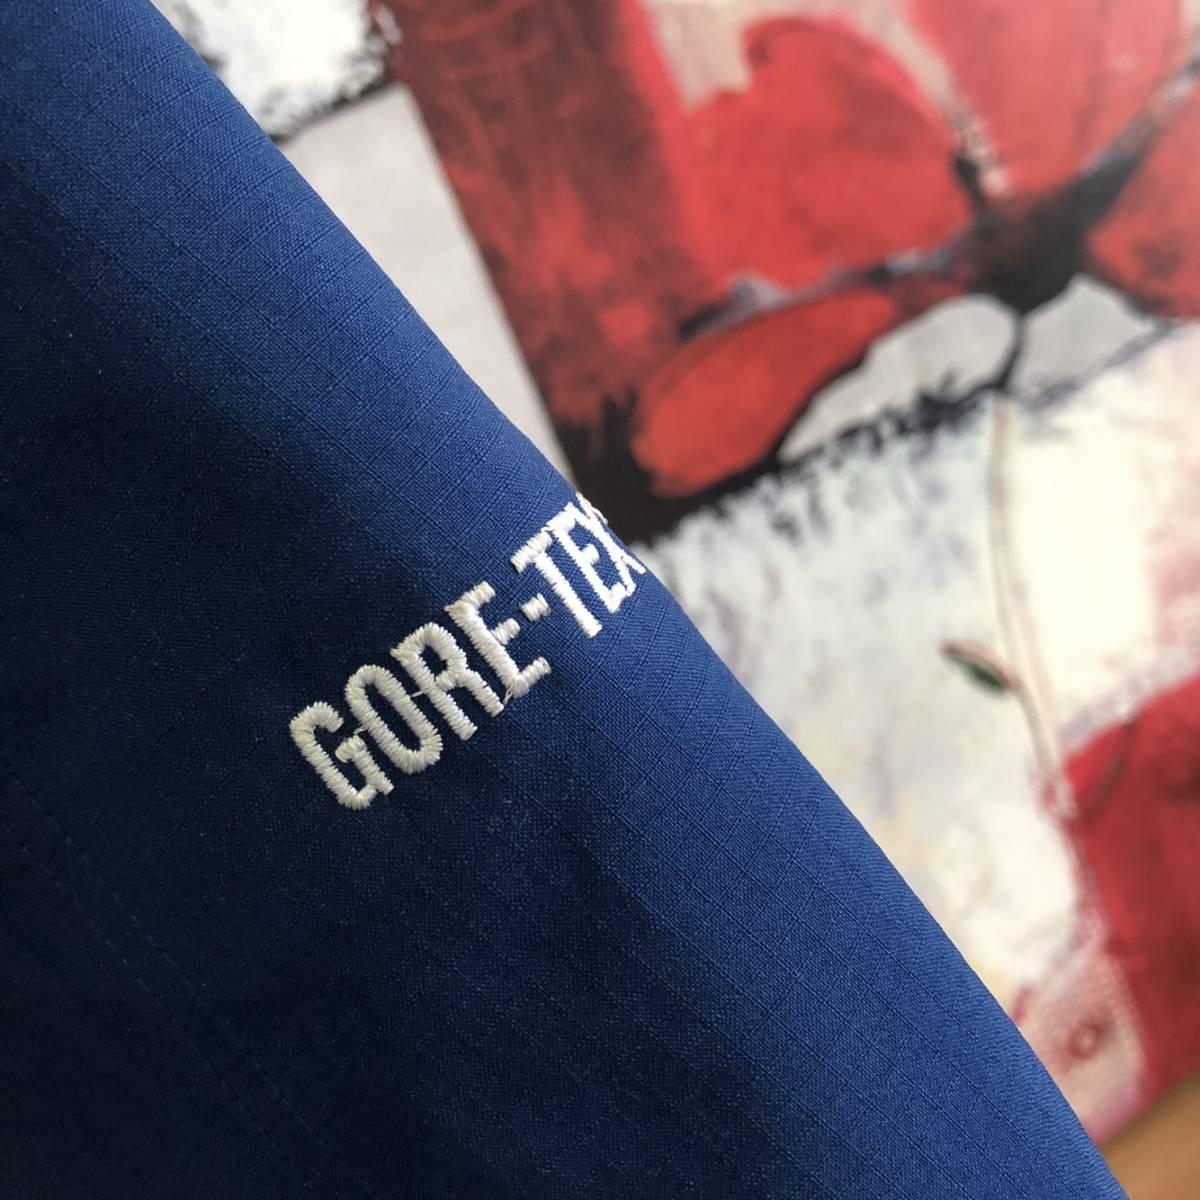 ND333 ノースフェイス GORE-TEX ジャケット マウンテンパーカー メンズ Mサイズ 正規品です。_画像5